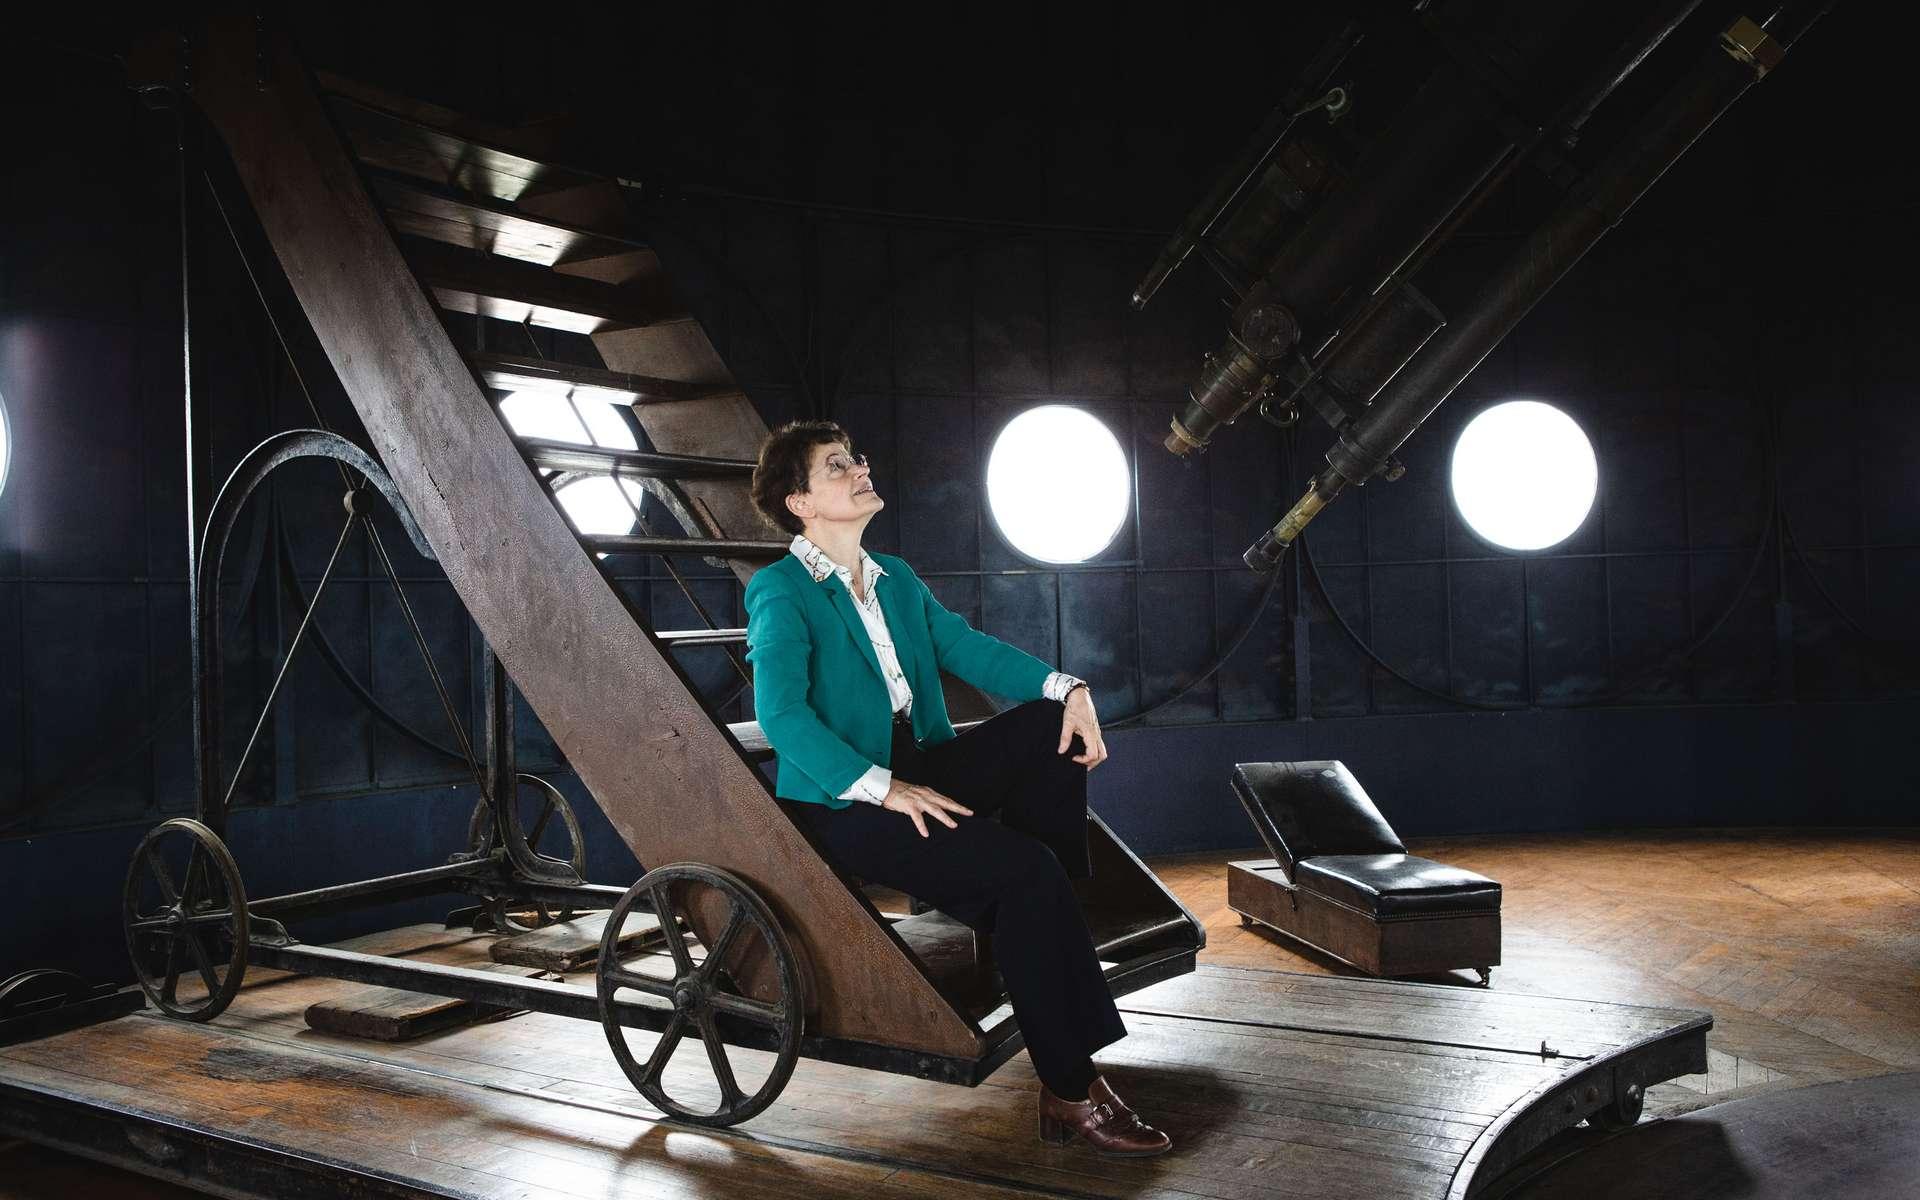 Françoise Combes, astrophysicienne lauréate de la médaille d'or 2020 du CNRS, ici à l'observatoire de Paris, PSL (Lerma, CNRS, École Normale Supérieure, Université de Cergy-Pontoise). Spécialiste de la dynamique des galaxies, elle a mis en évidence de nombreux phénomènes permettant d'expliquer leur formation et leur évolution. Aujourd'hui professeure au Collège de France, elle poursuit ses recherches au Laboratoire d'études du rayonnement et de la matière en astrophysique et atmosphère (Lerma). © Frédérique Plas, Lerma, CNRS photothèque